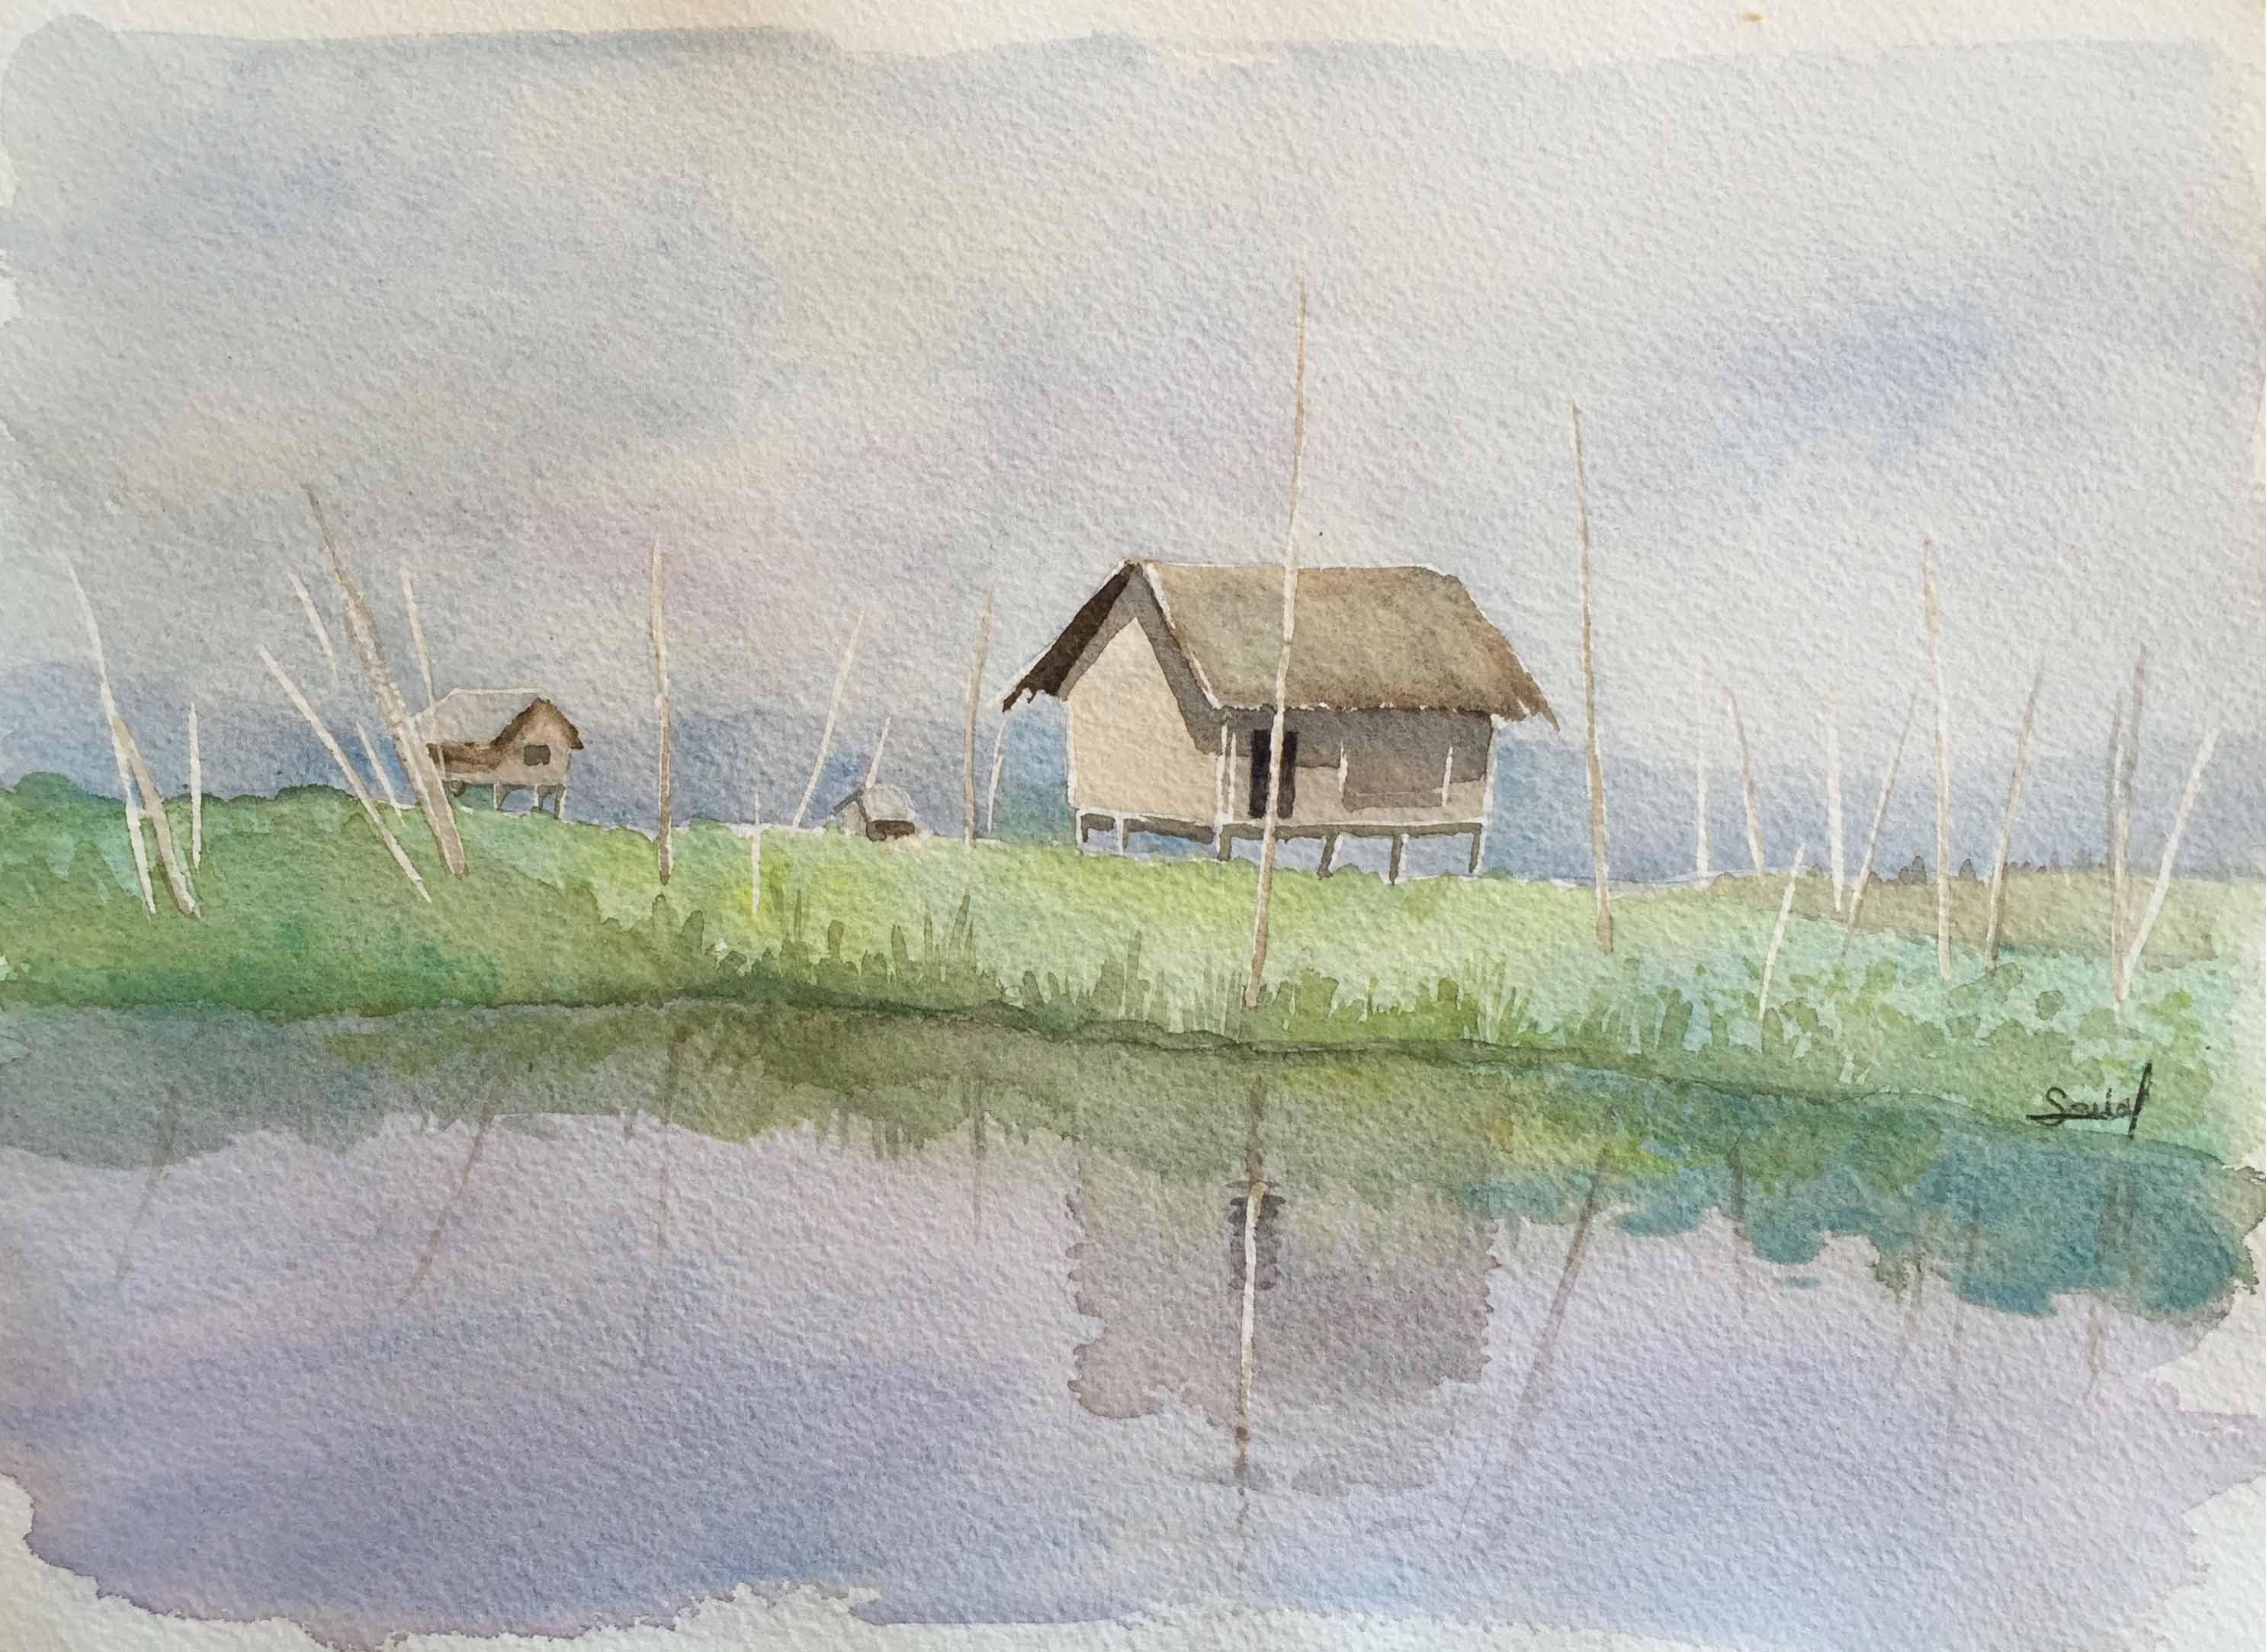 Cabane sur pilotis au Myanmar